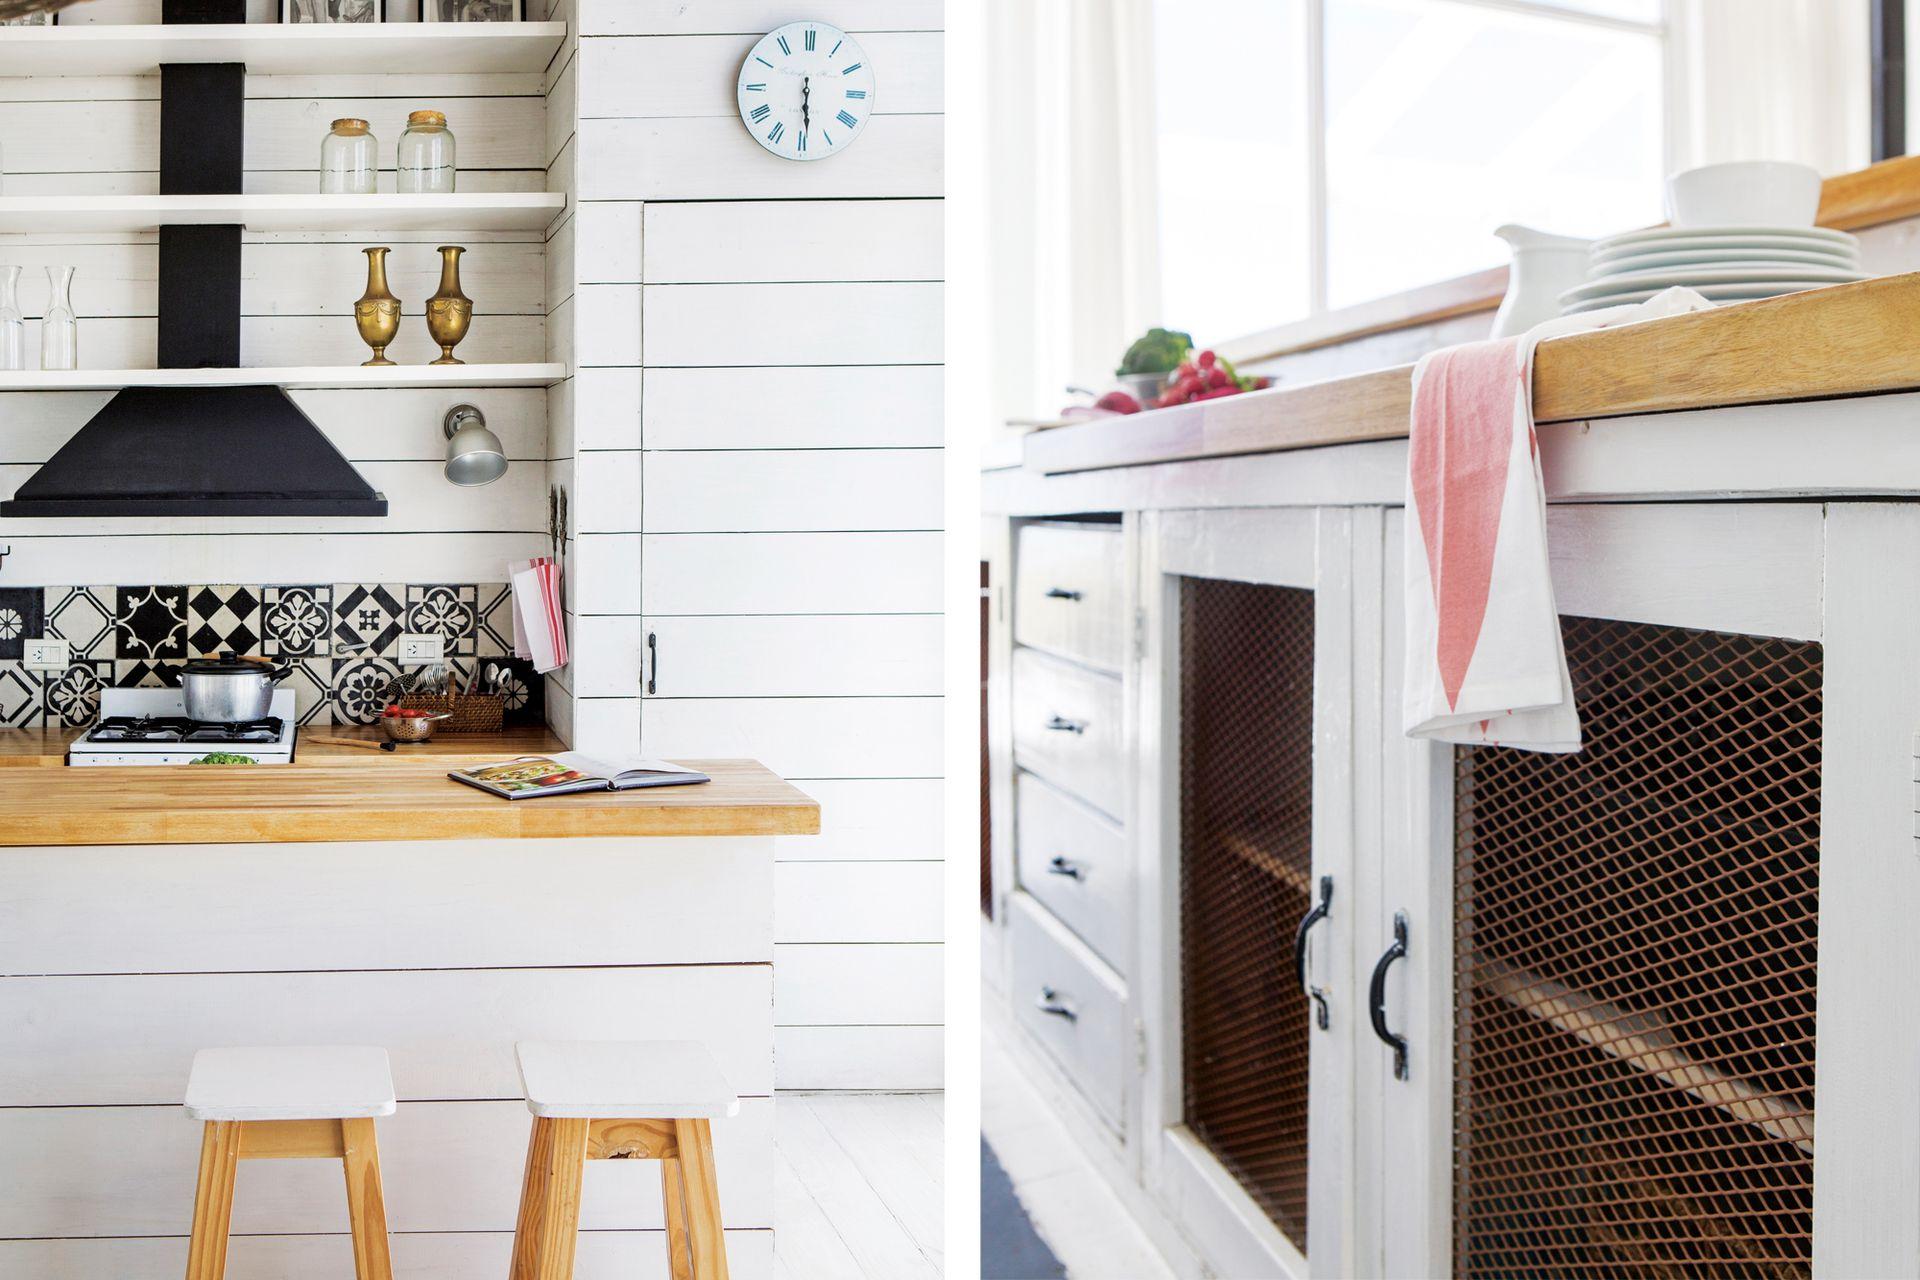 Debajo del reloj una gran alacena para guardar de todo y para que en los estantes solo quede lo que más se usa. A tono con el lugar, las puertas del mueble de la cocina tienen alambre de campo.